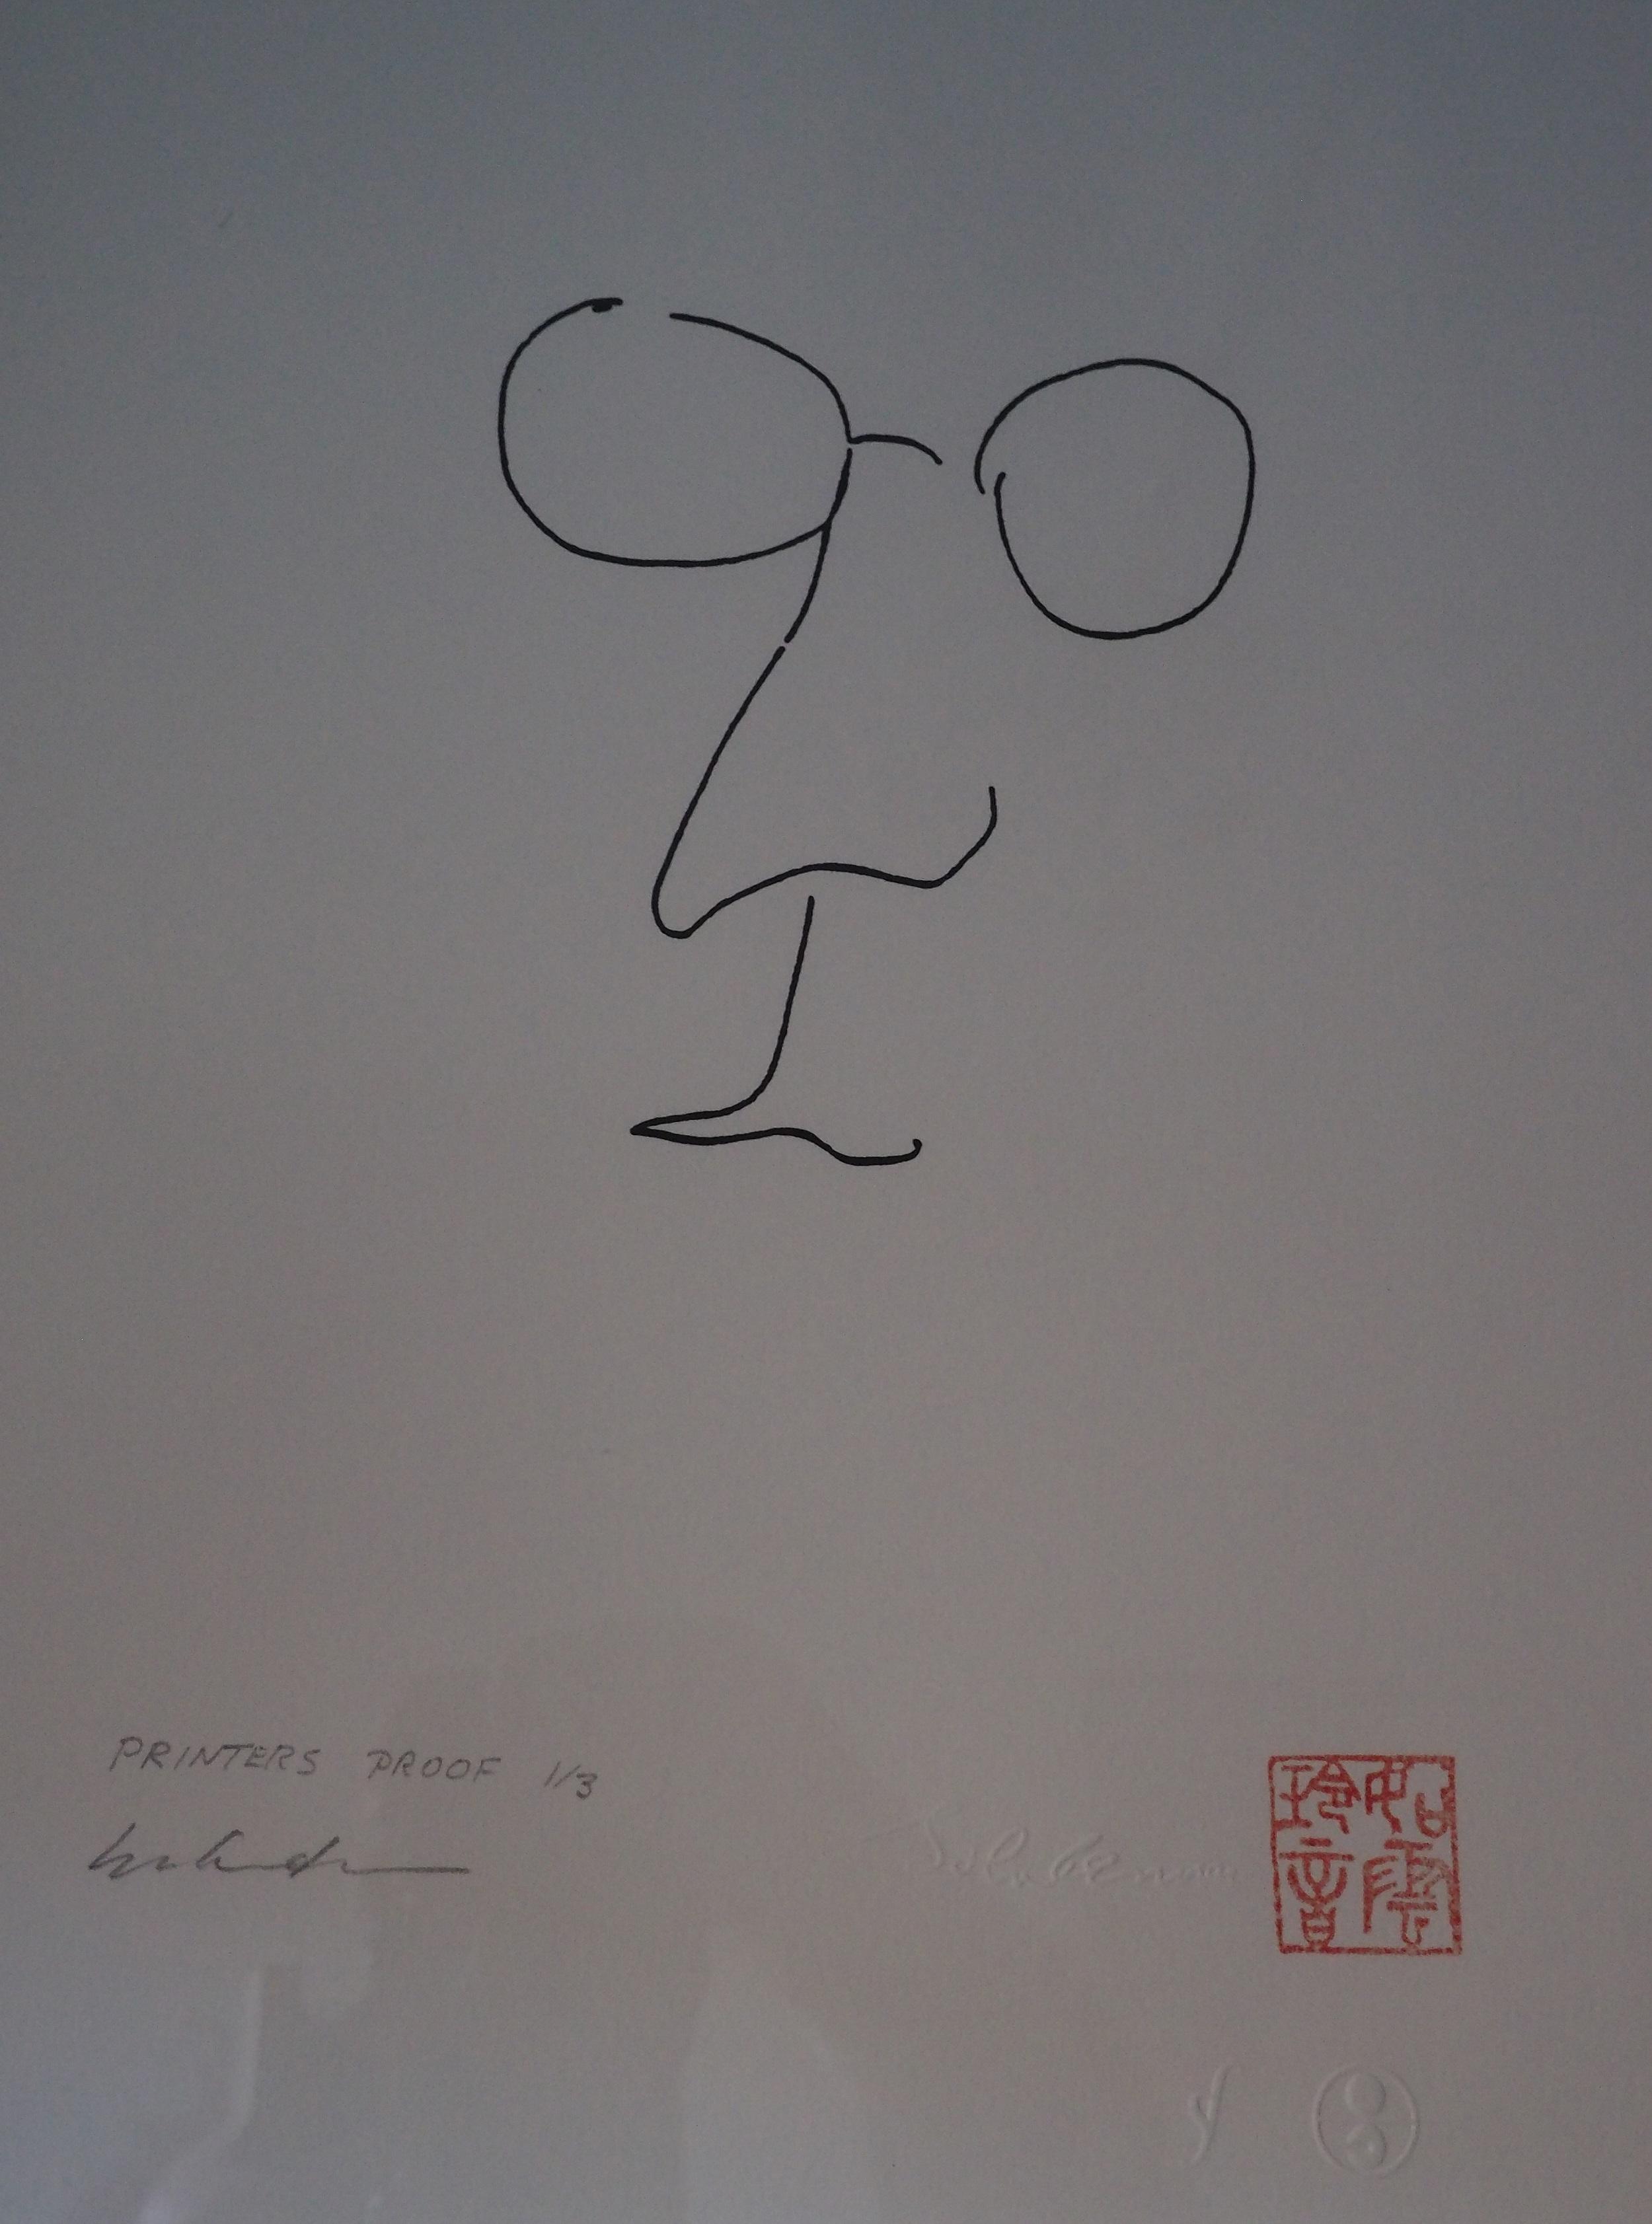 jibun artwork by john lennon - art listed for sale on Artplode